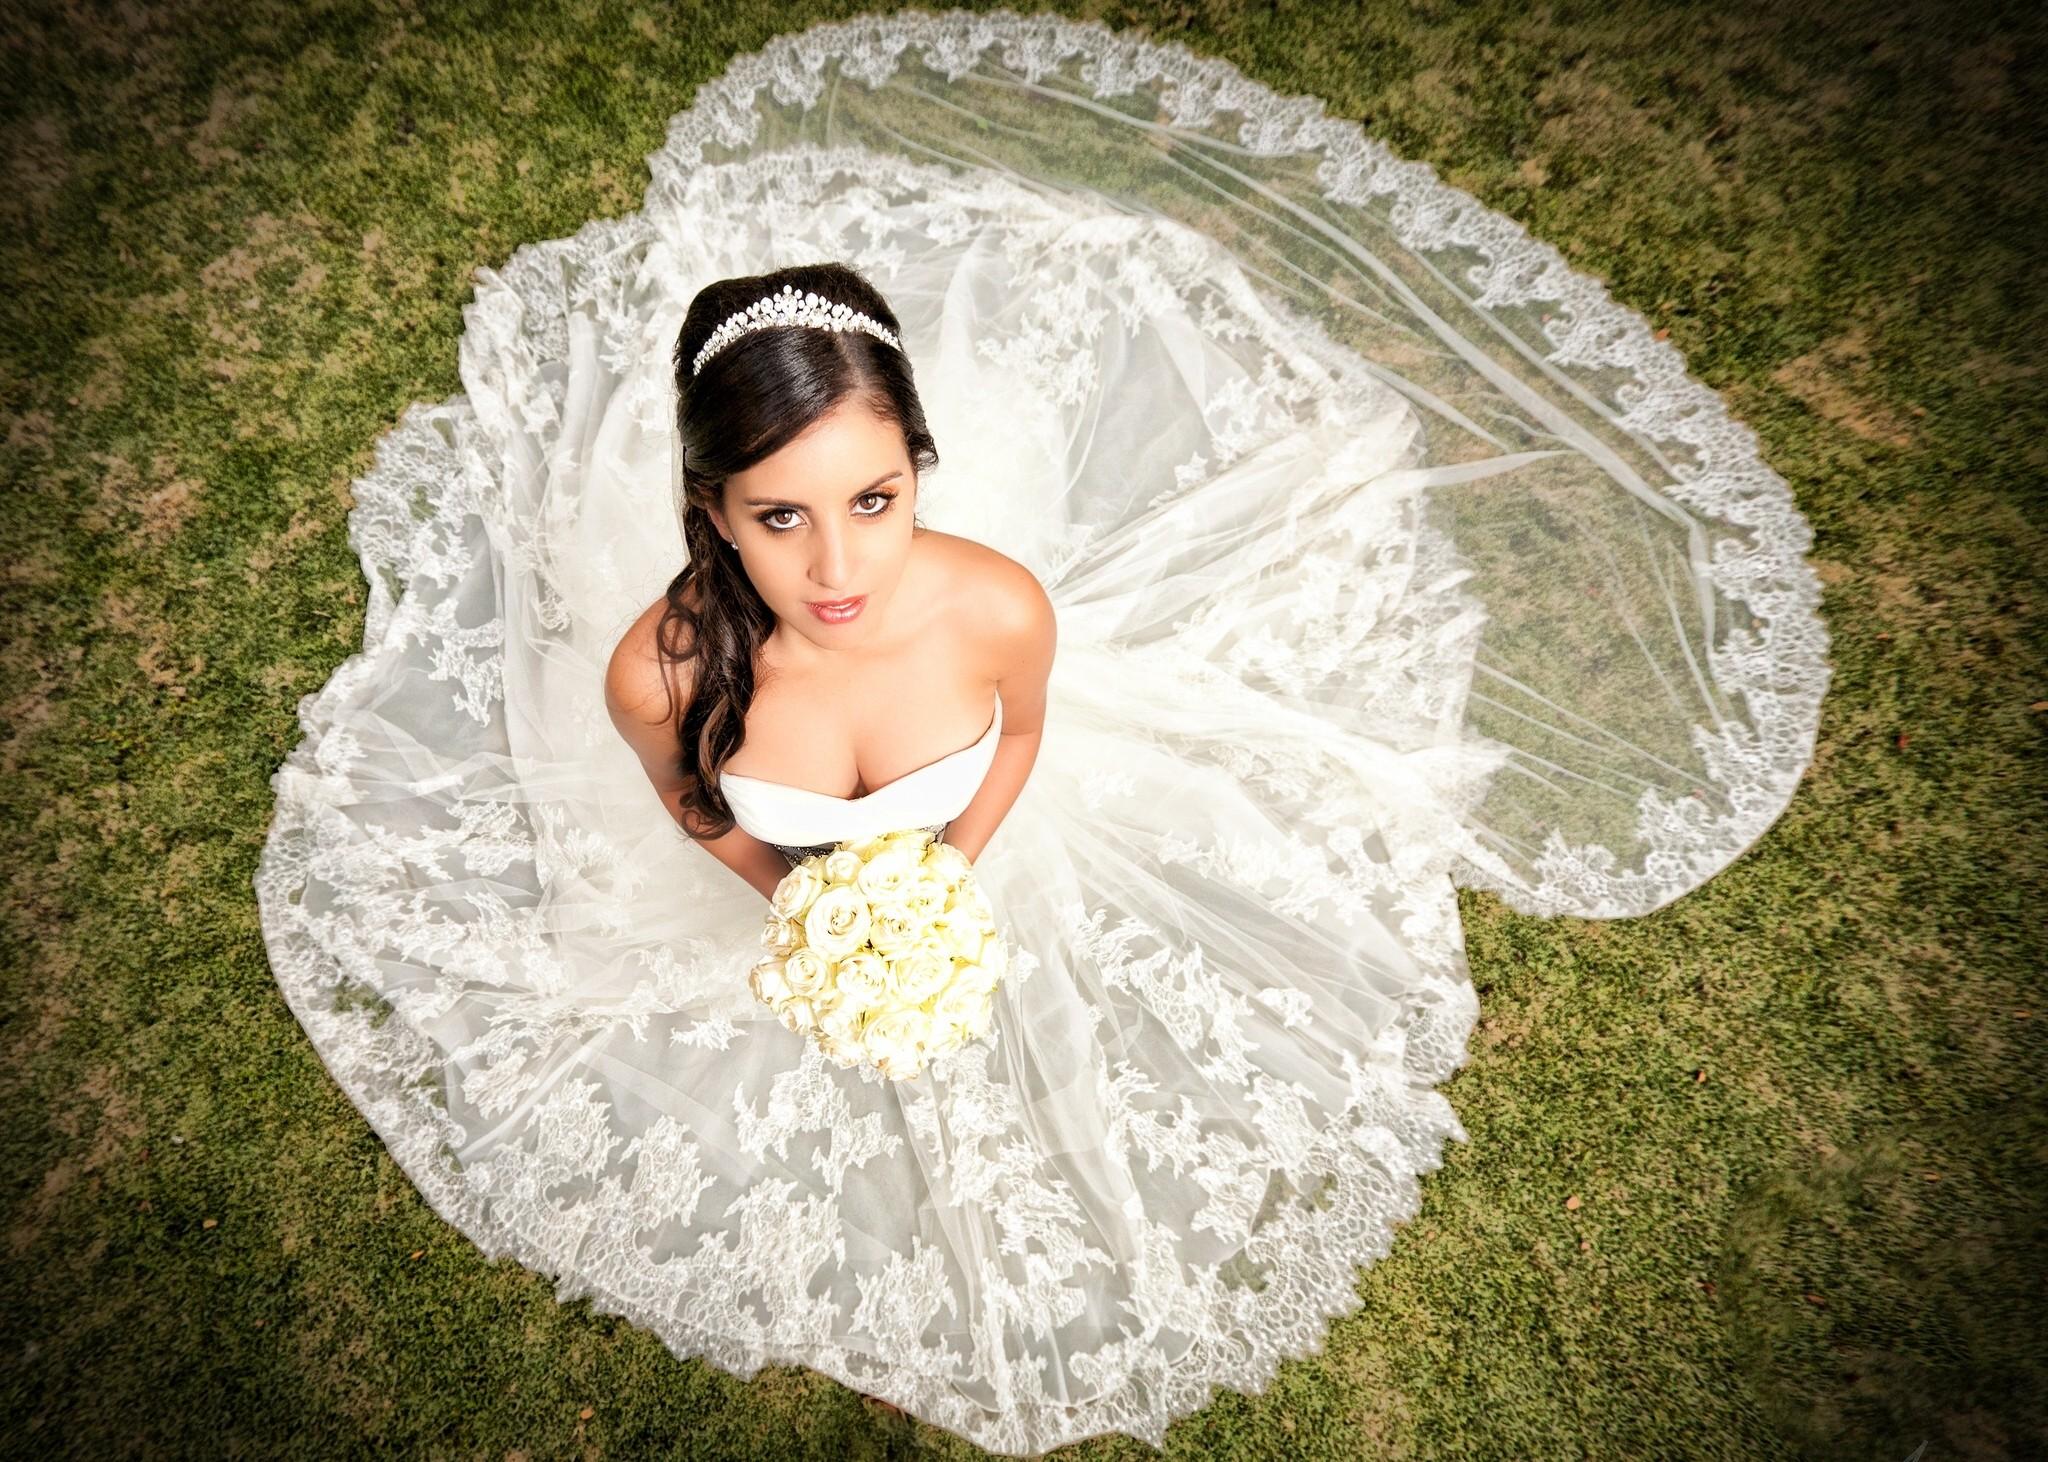 Картинки с красивыми невестами